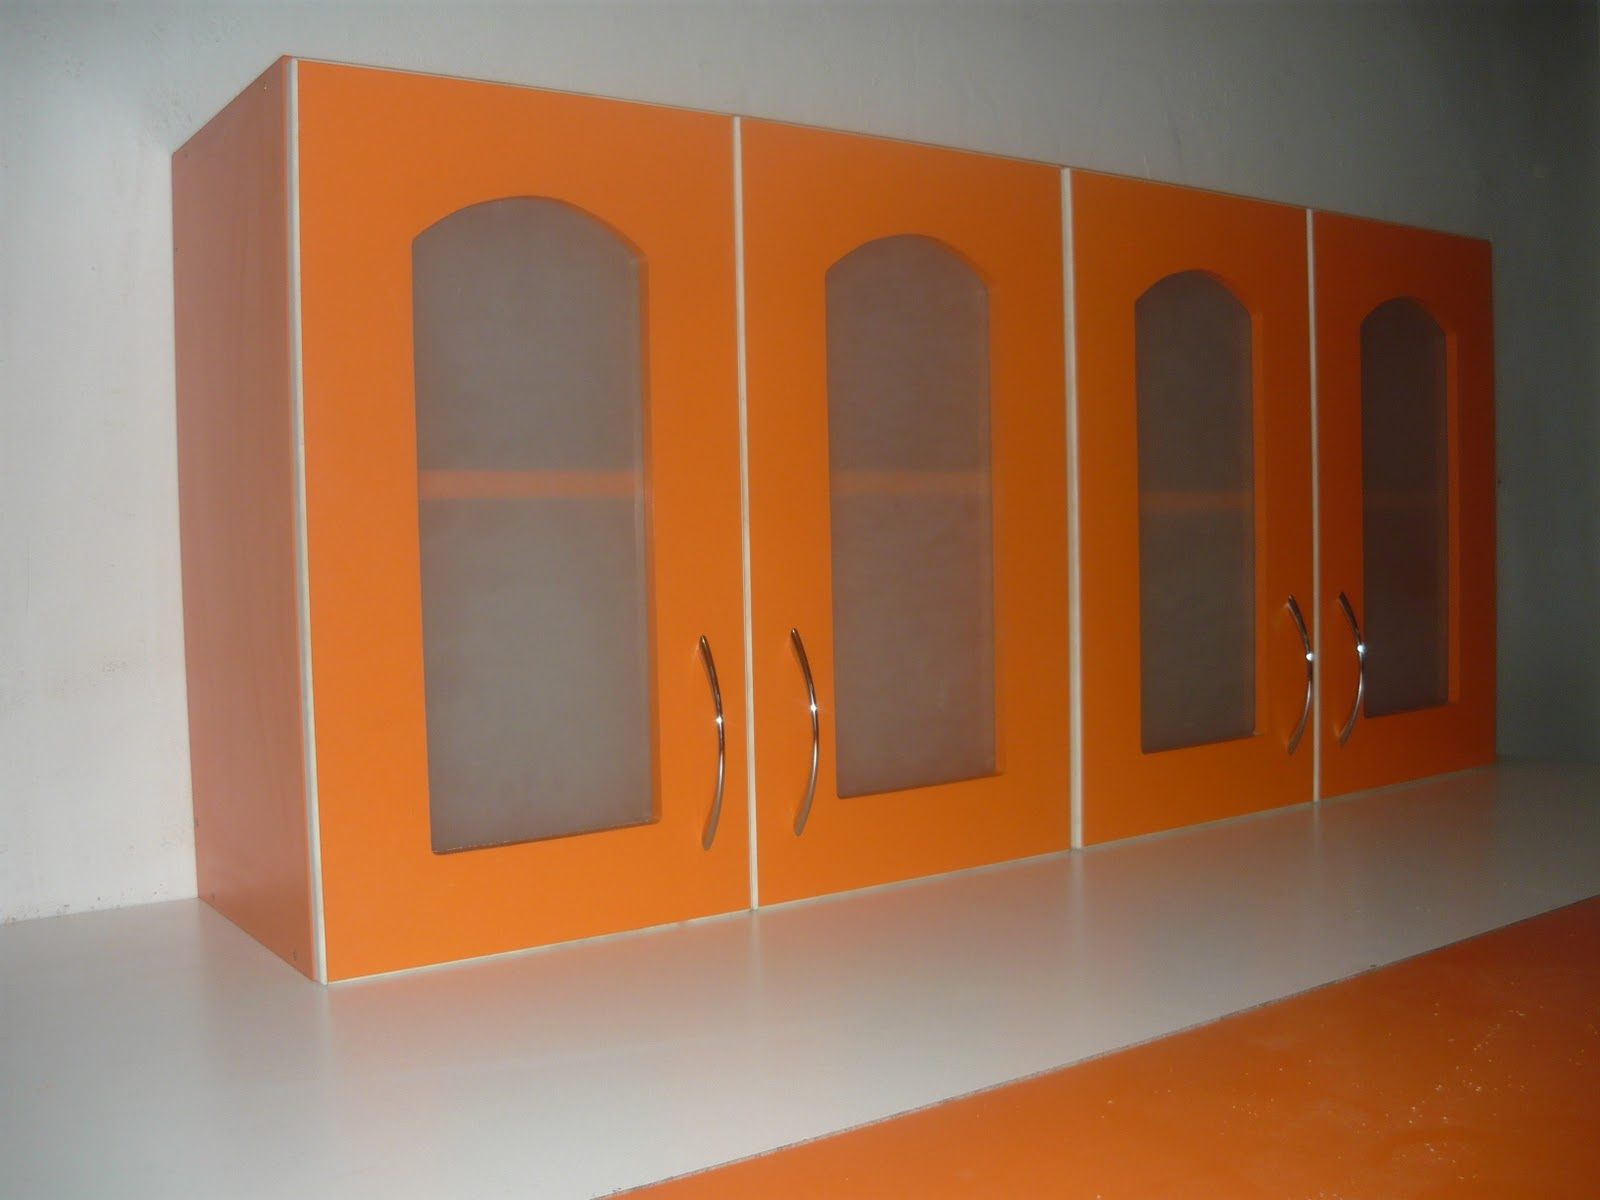 Plano De Mueble De Melamina Proyecto 2 Alacena De Cocina Web Del  # Muebles De Cocina Hazlo Tu Mismo